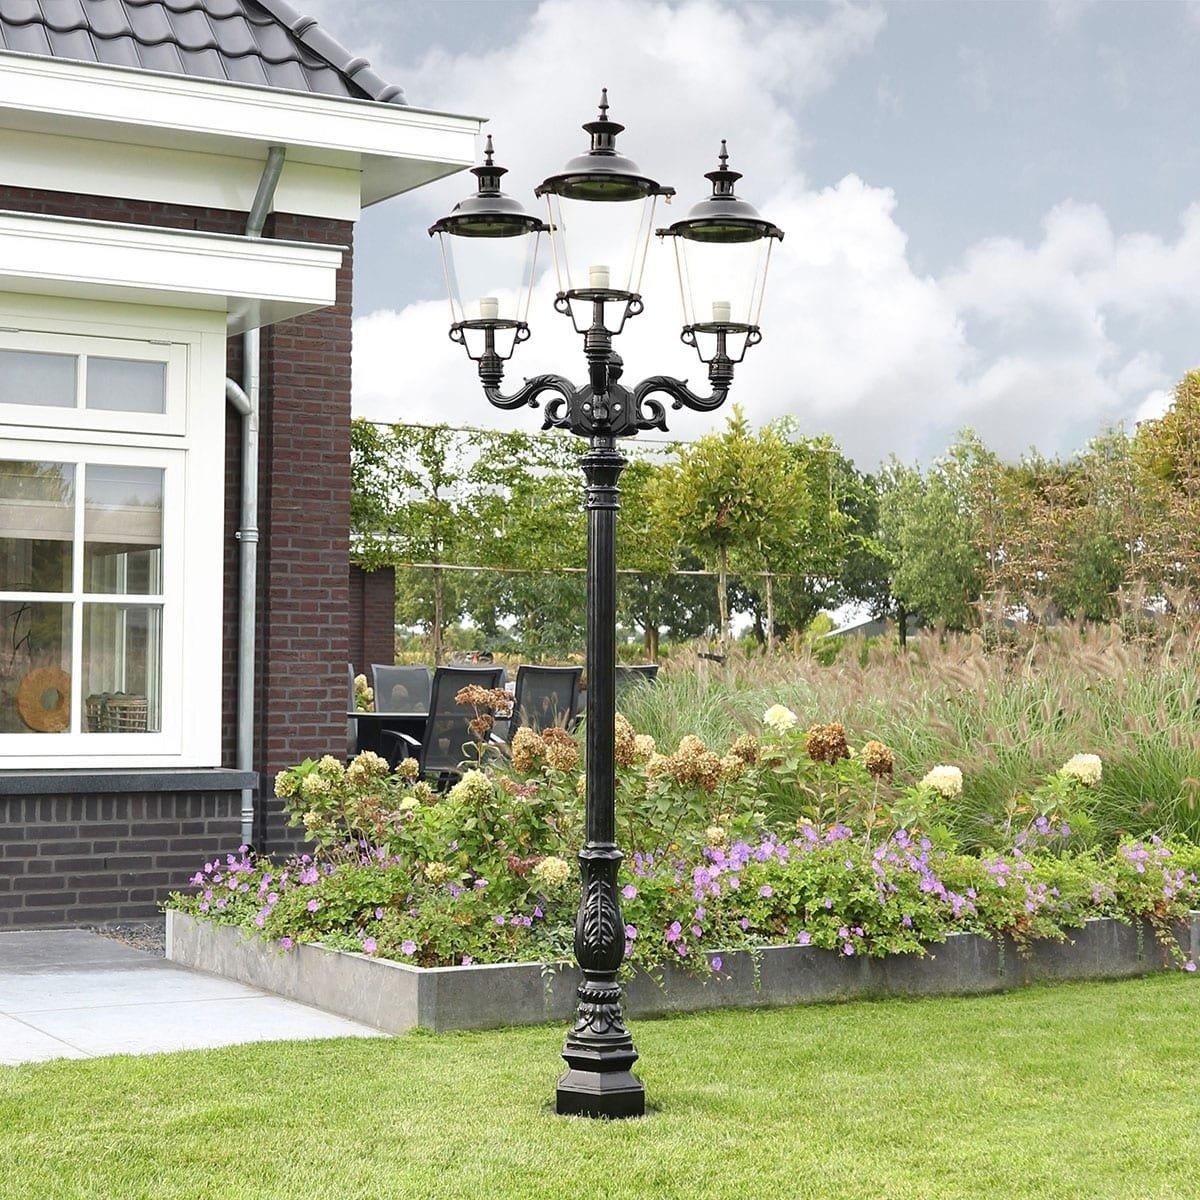 Außenbeleuchtung Klassisch Ländlich Lichtmast garten Enkhuizen 3-licht - 243 cm